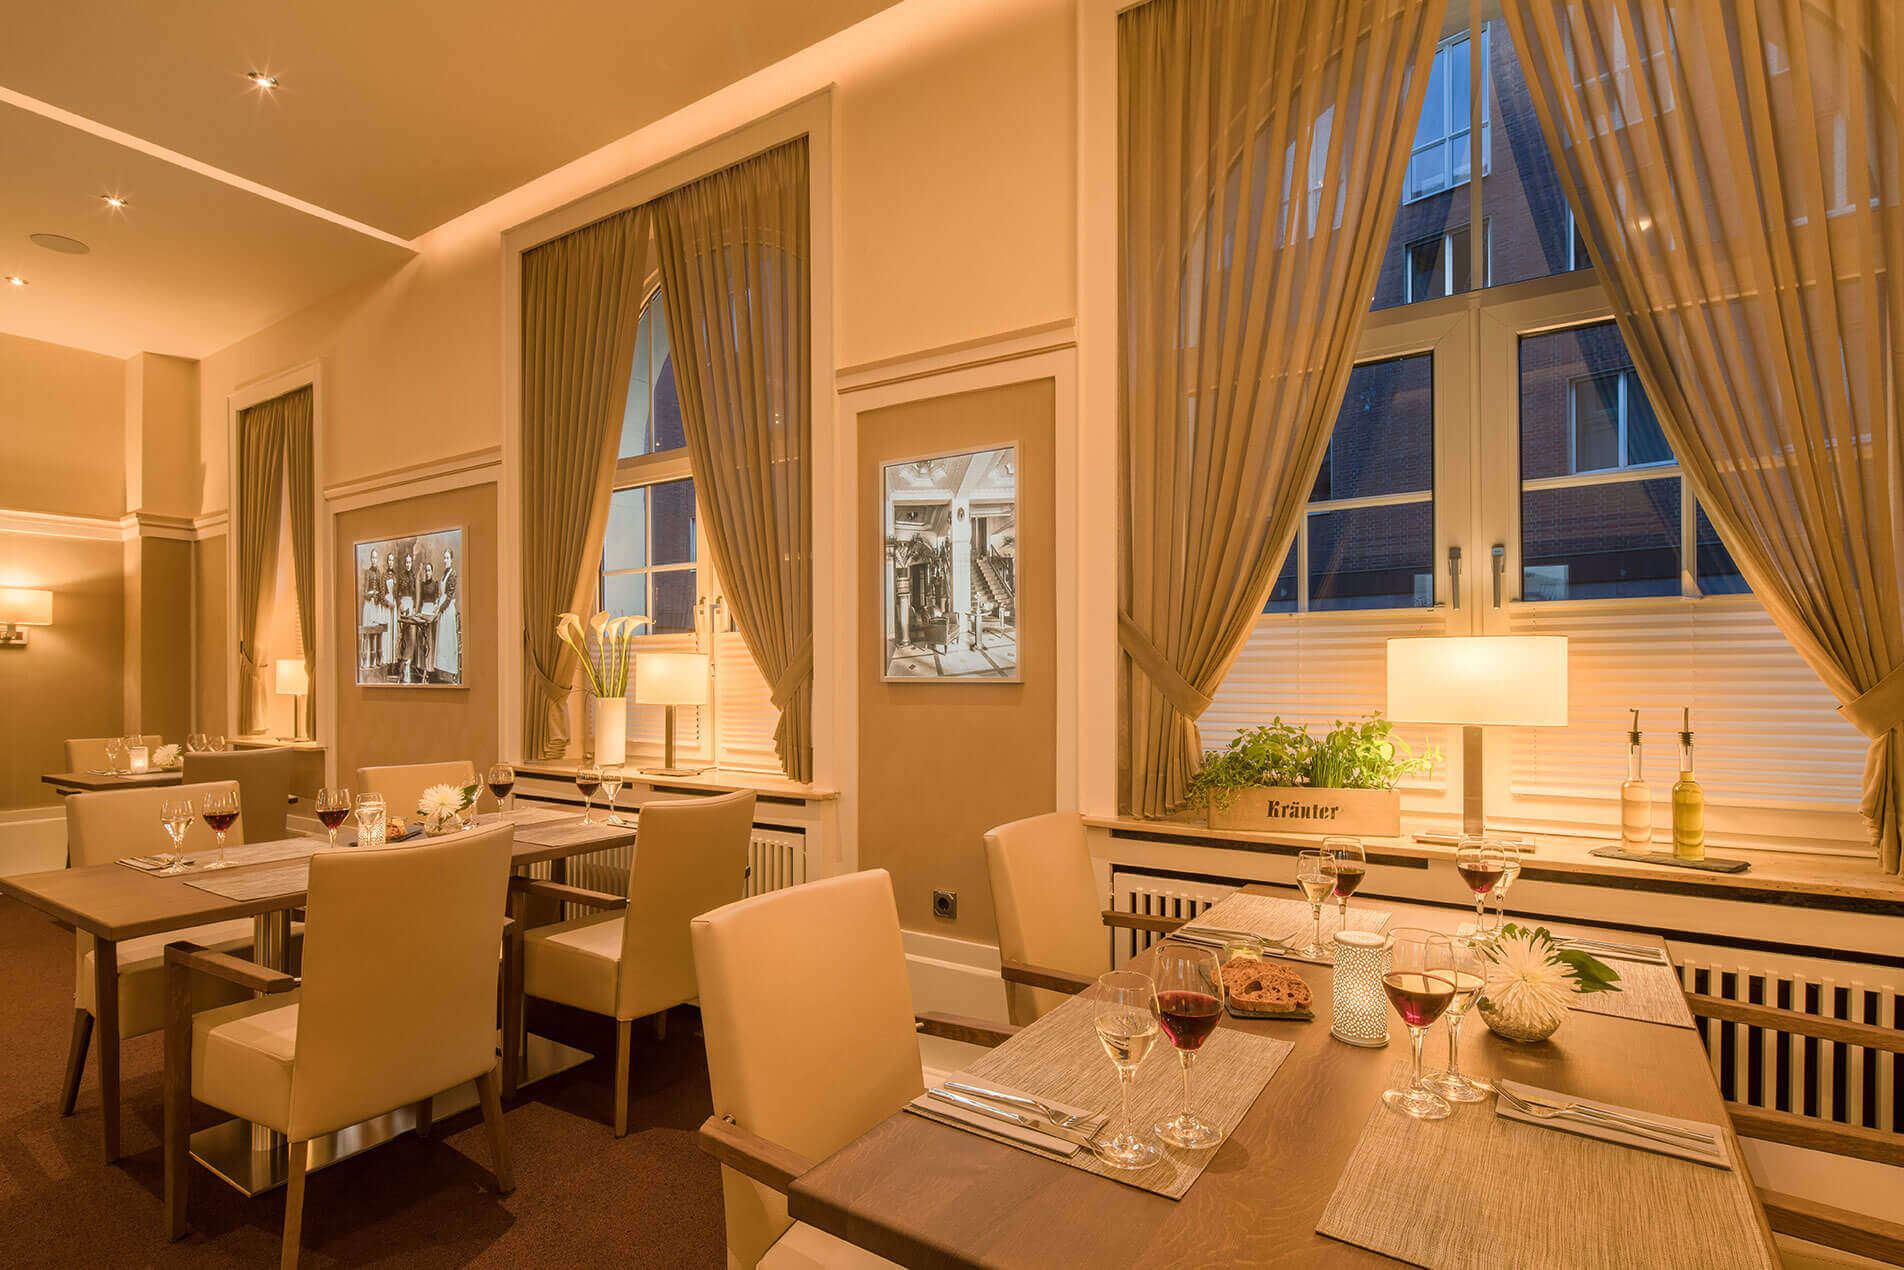 Restaurant Gusto - Essen & Trinken